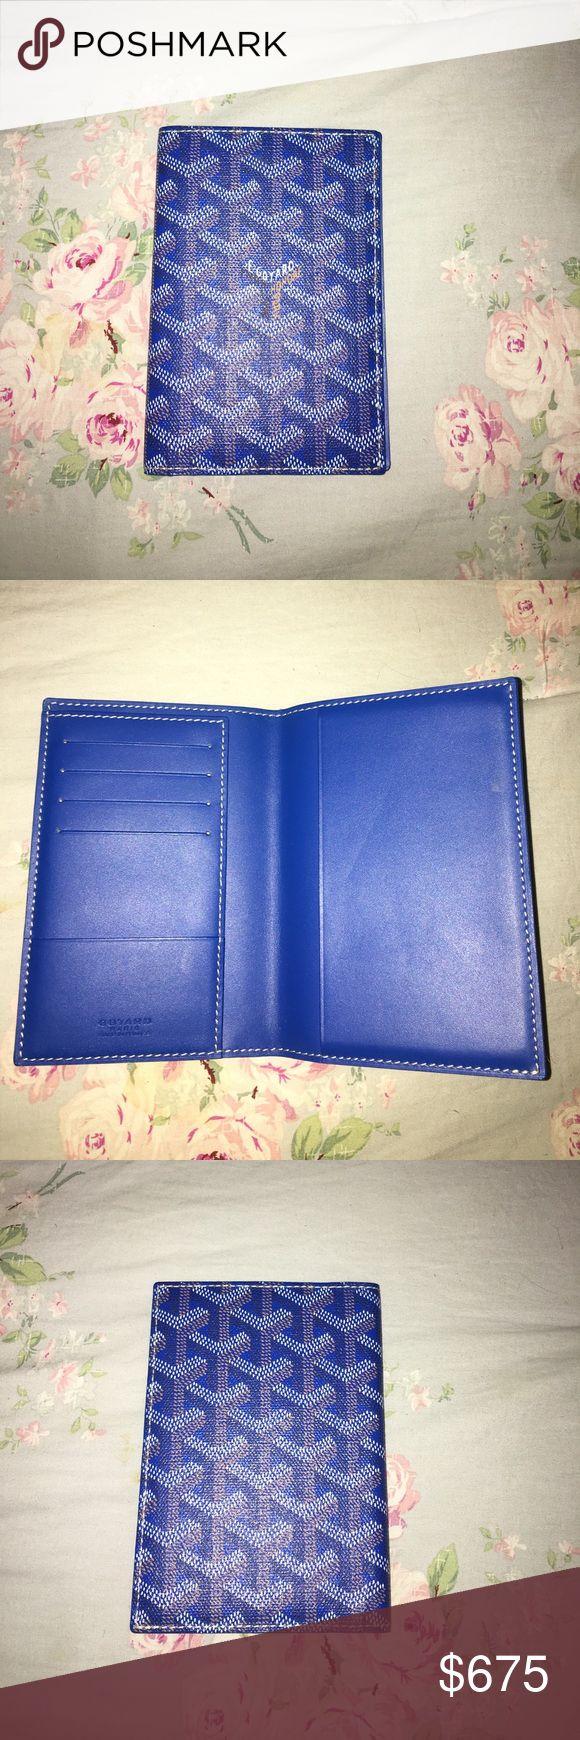 Goyard Passport Holder Perfect condition Goyard Accessories